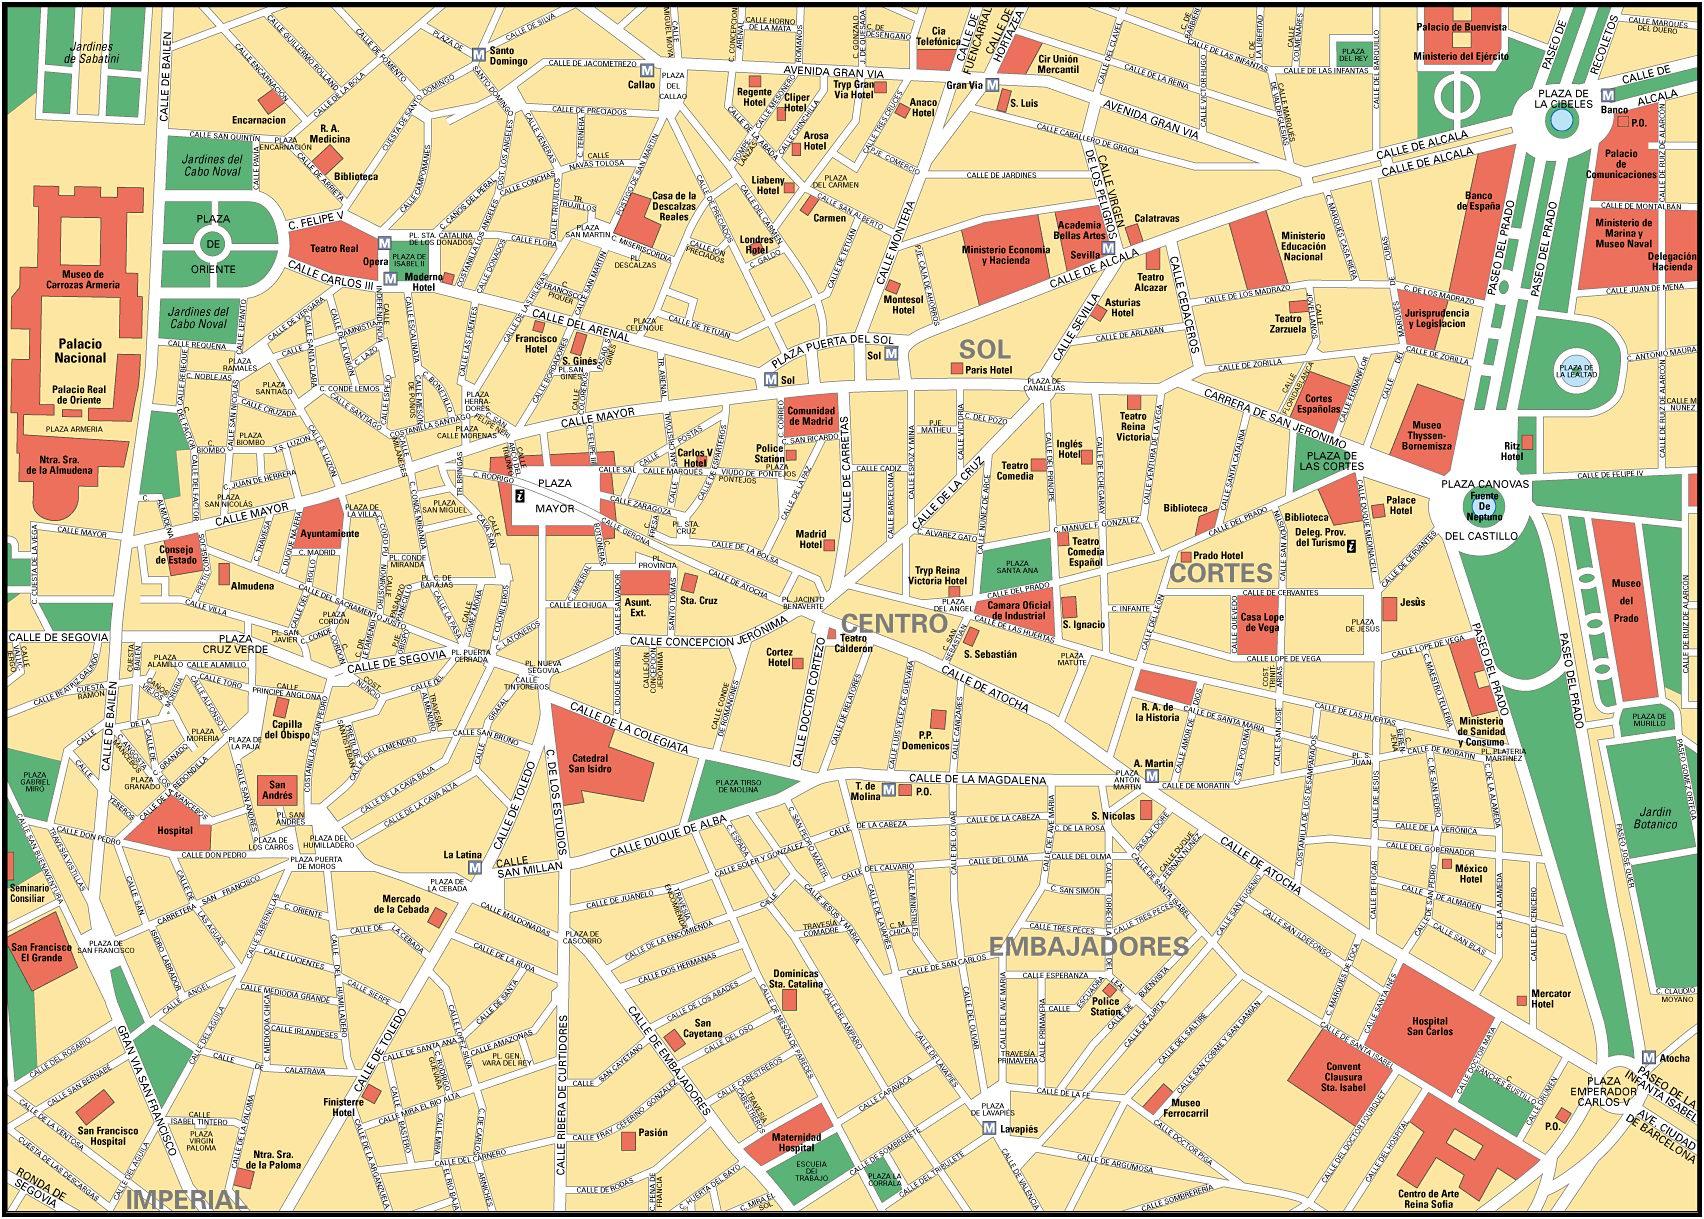 Mapa de Madrid - Tamaño completo